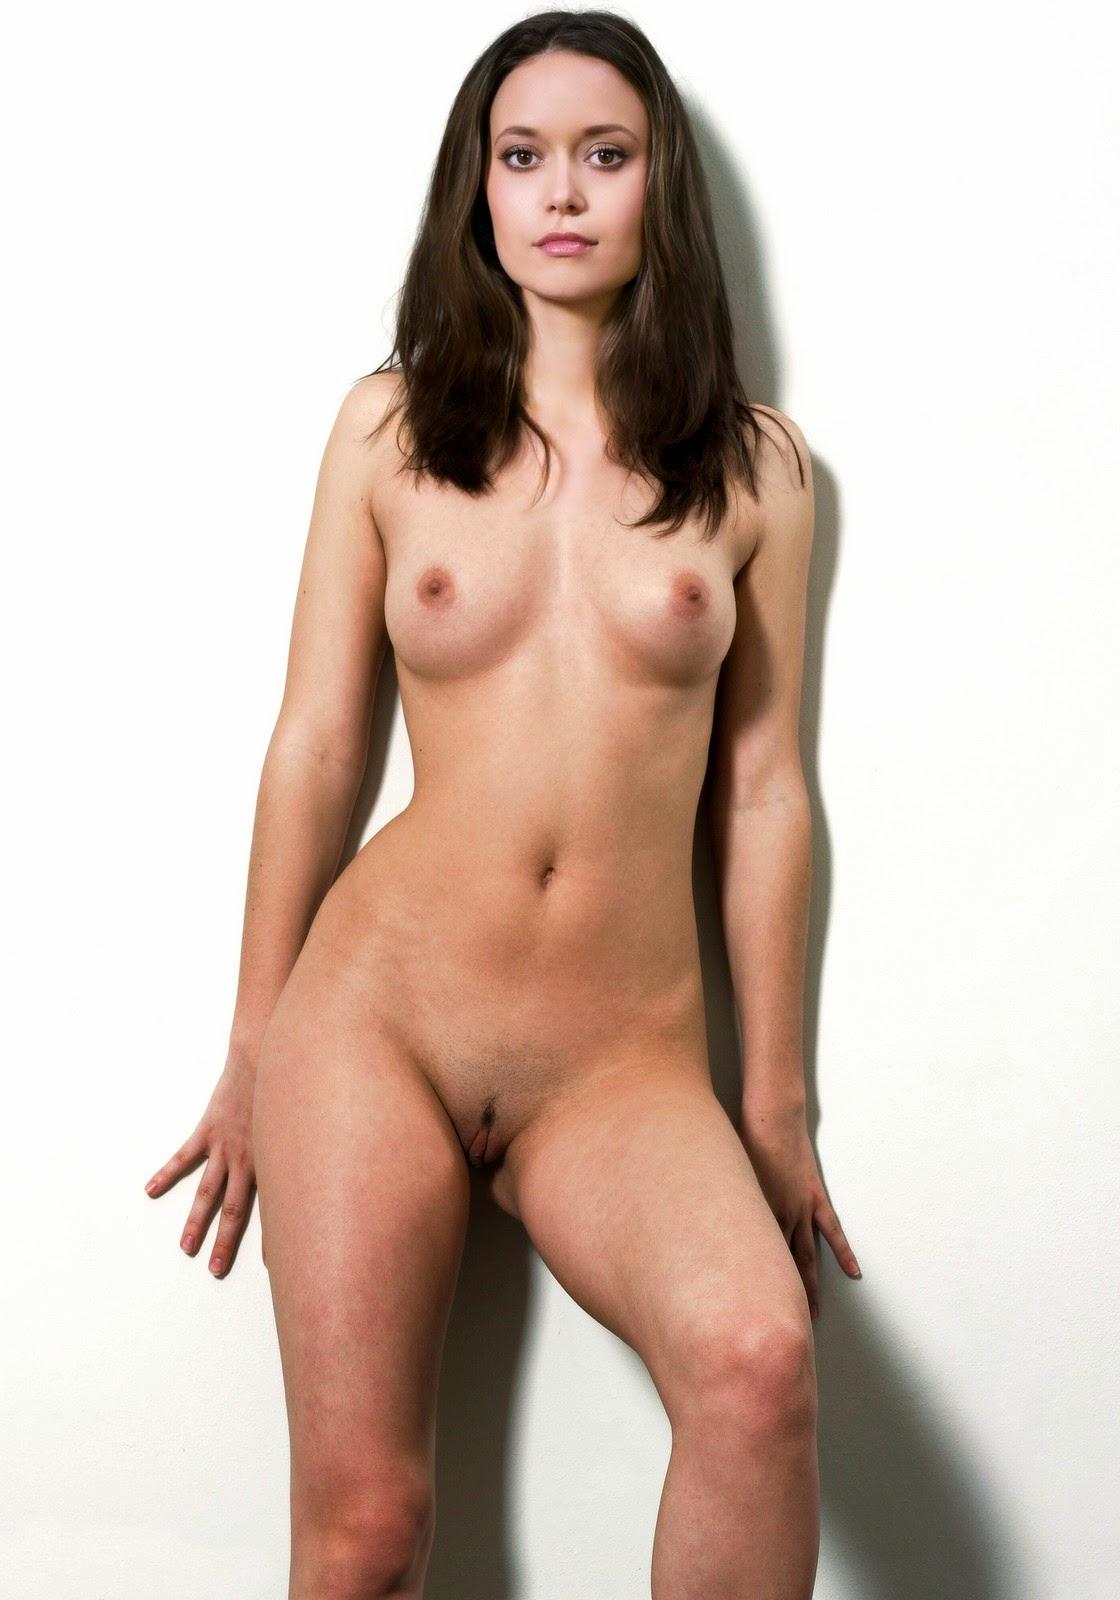 summer rae nackt bilder